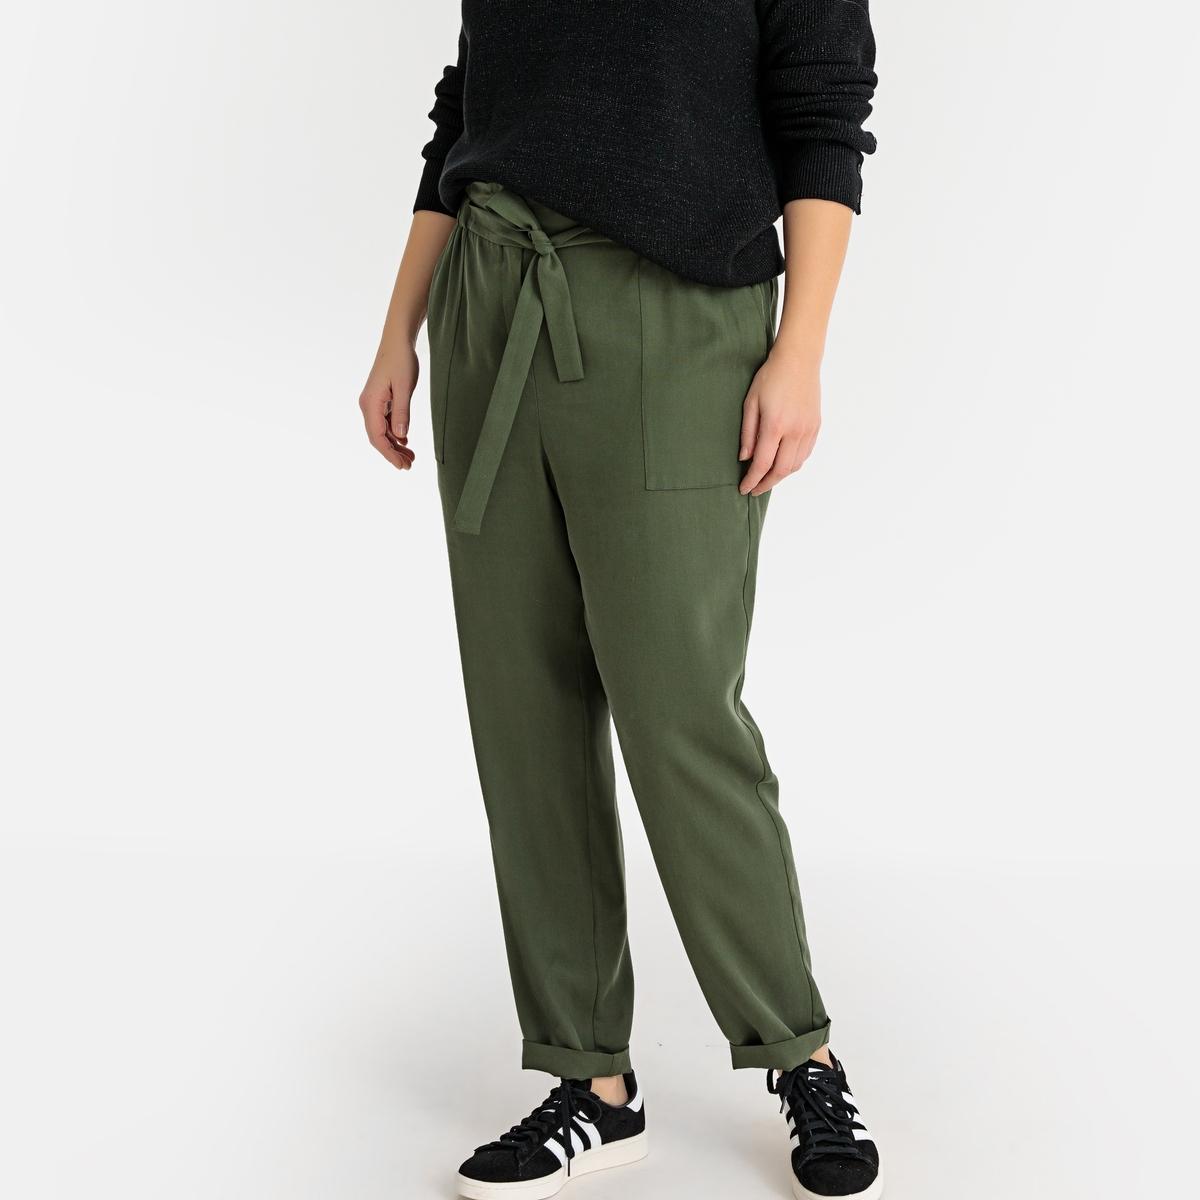 Брюки La Redoute Широкие из лиоцелла с высокой талией 48 (FR) - 54 (RUS) зеленый брюки la redoute с высокой талией из лиоцелла 38 fr 44 rus бежевый